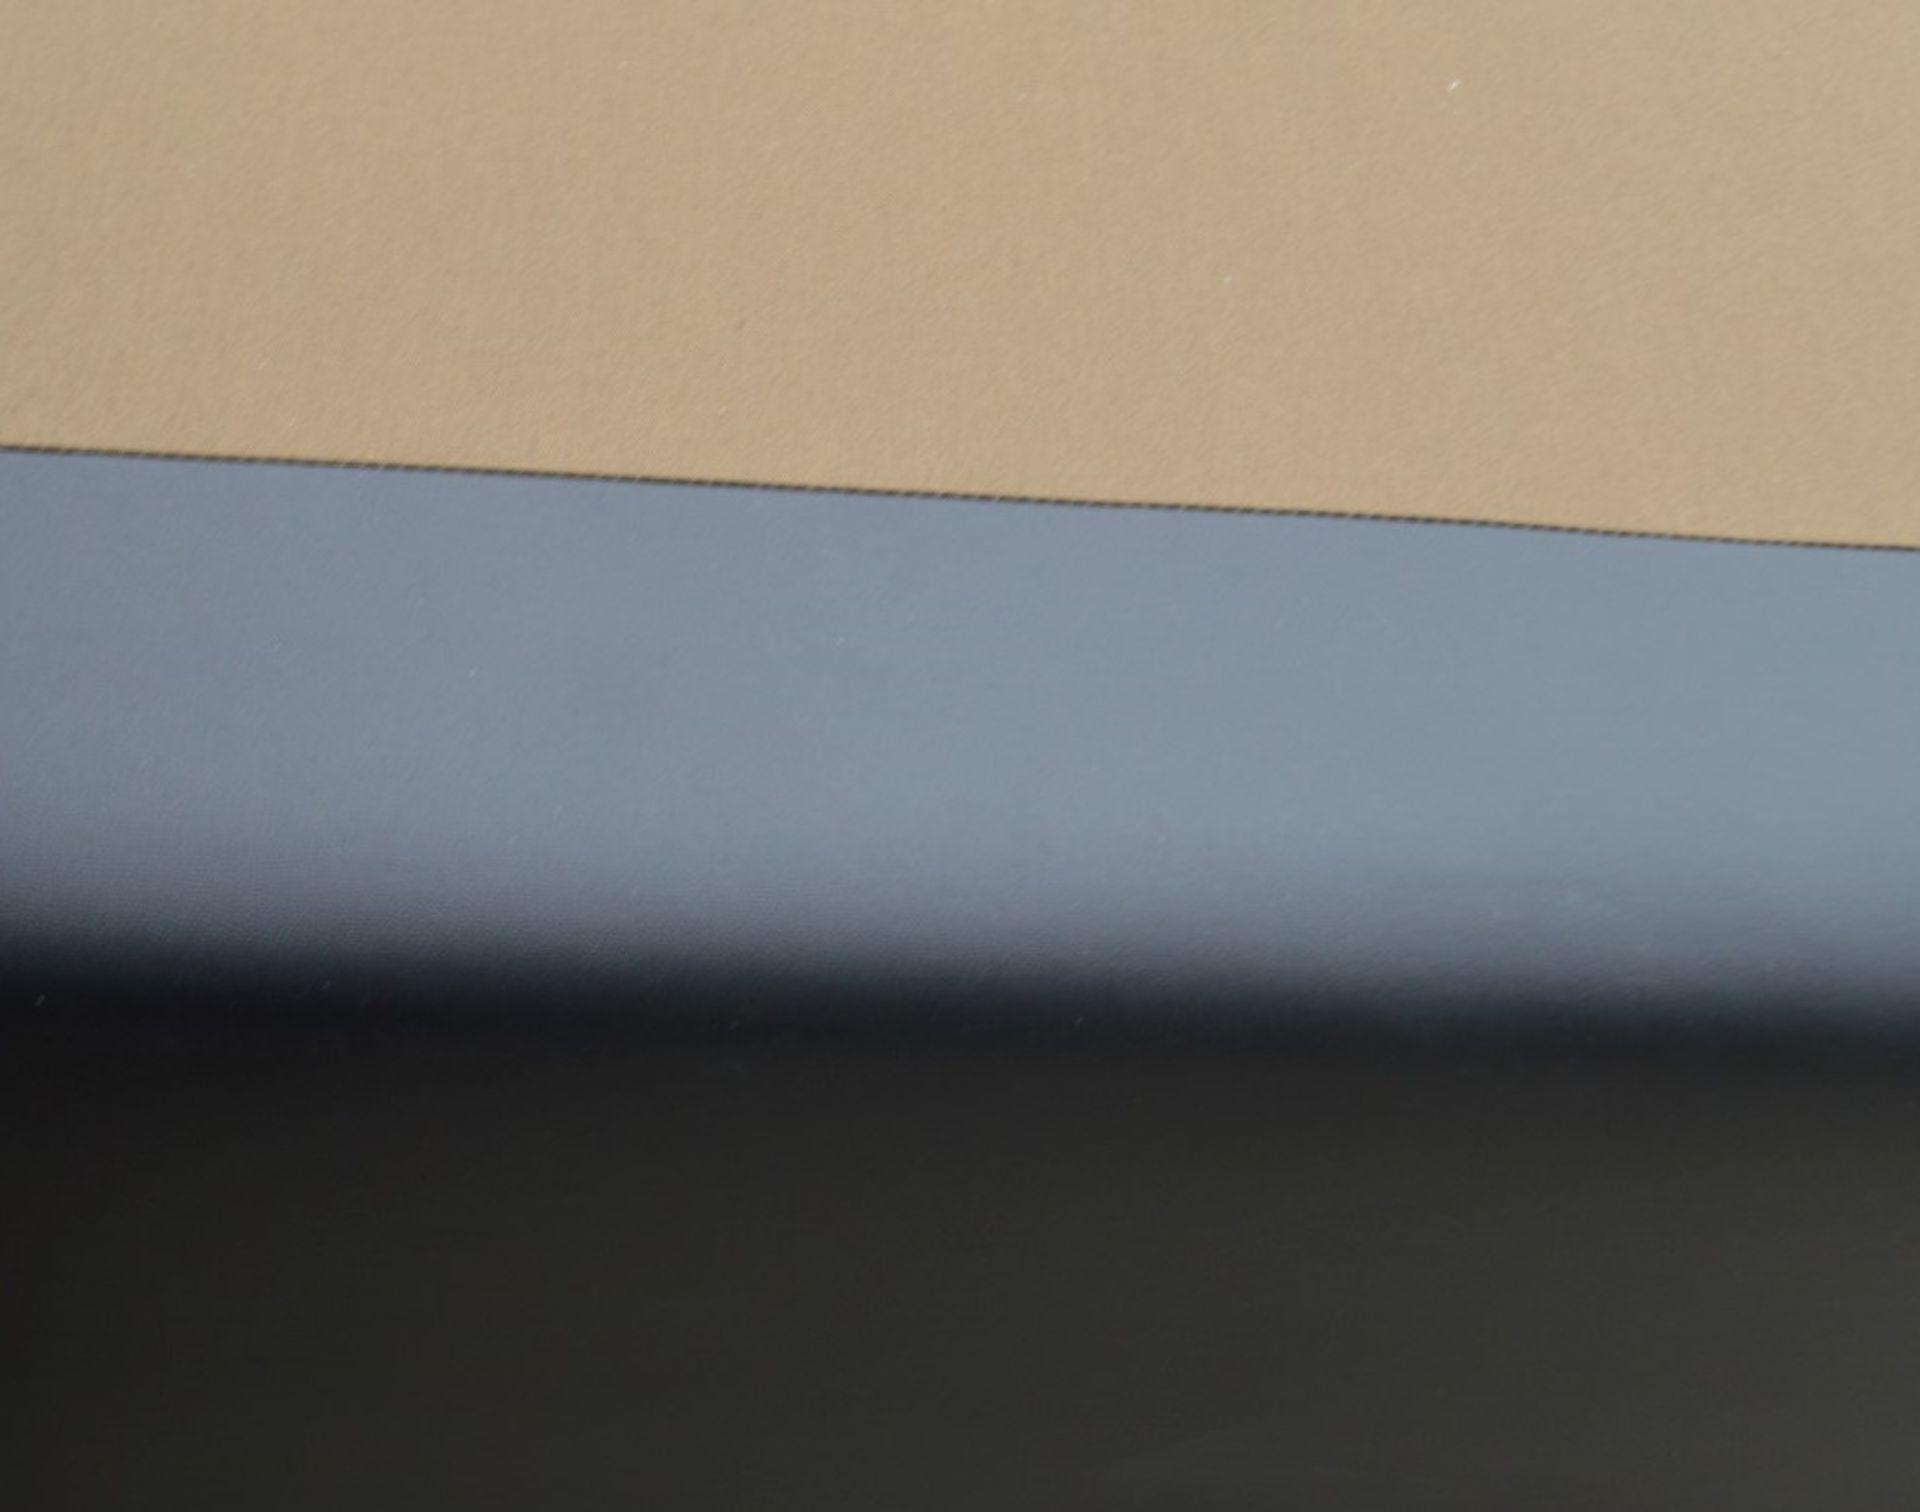 1 x COLUNEX 'Elite' Super Kingsize Divan Bed Base Upholstered In A Grey Leather - RRP £3,008 - Image 5 of 8